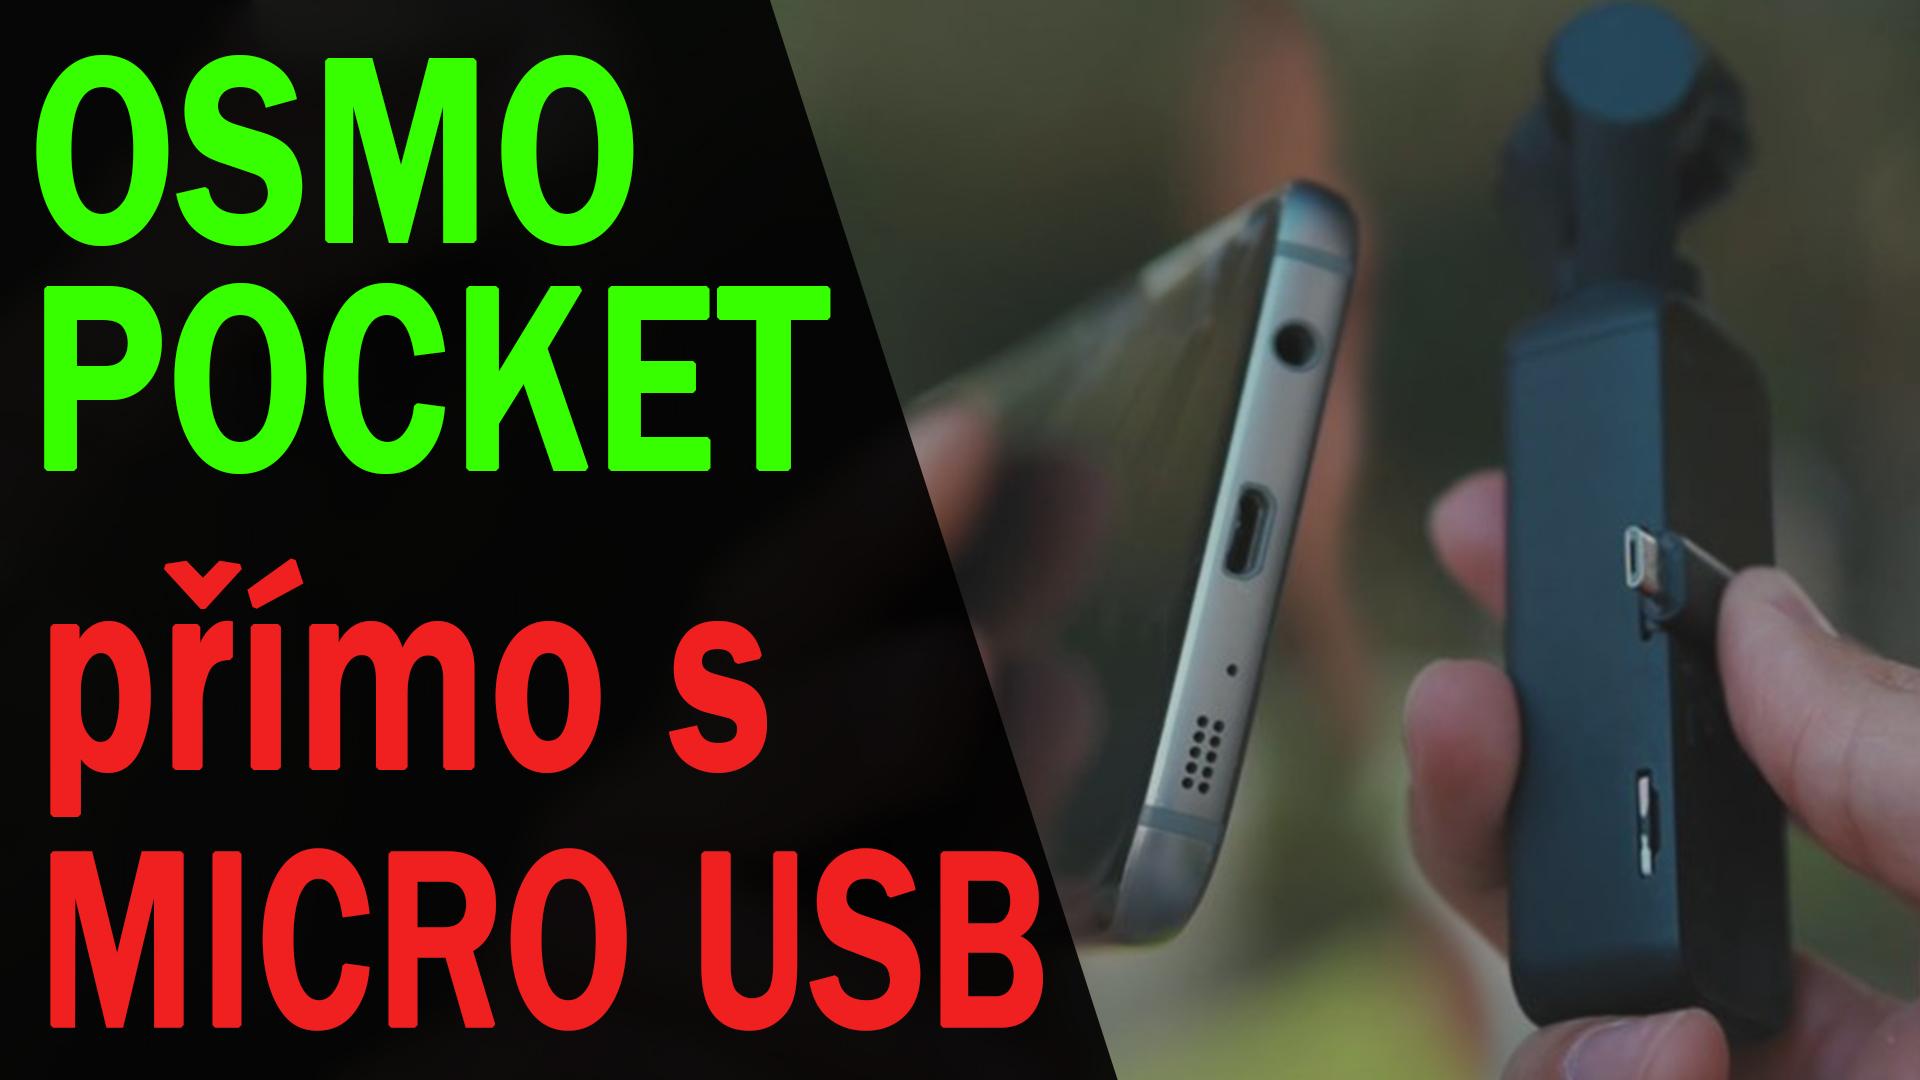 DJI Osmo Pocket a Micro USB problém vyřešen jednou pro vždy